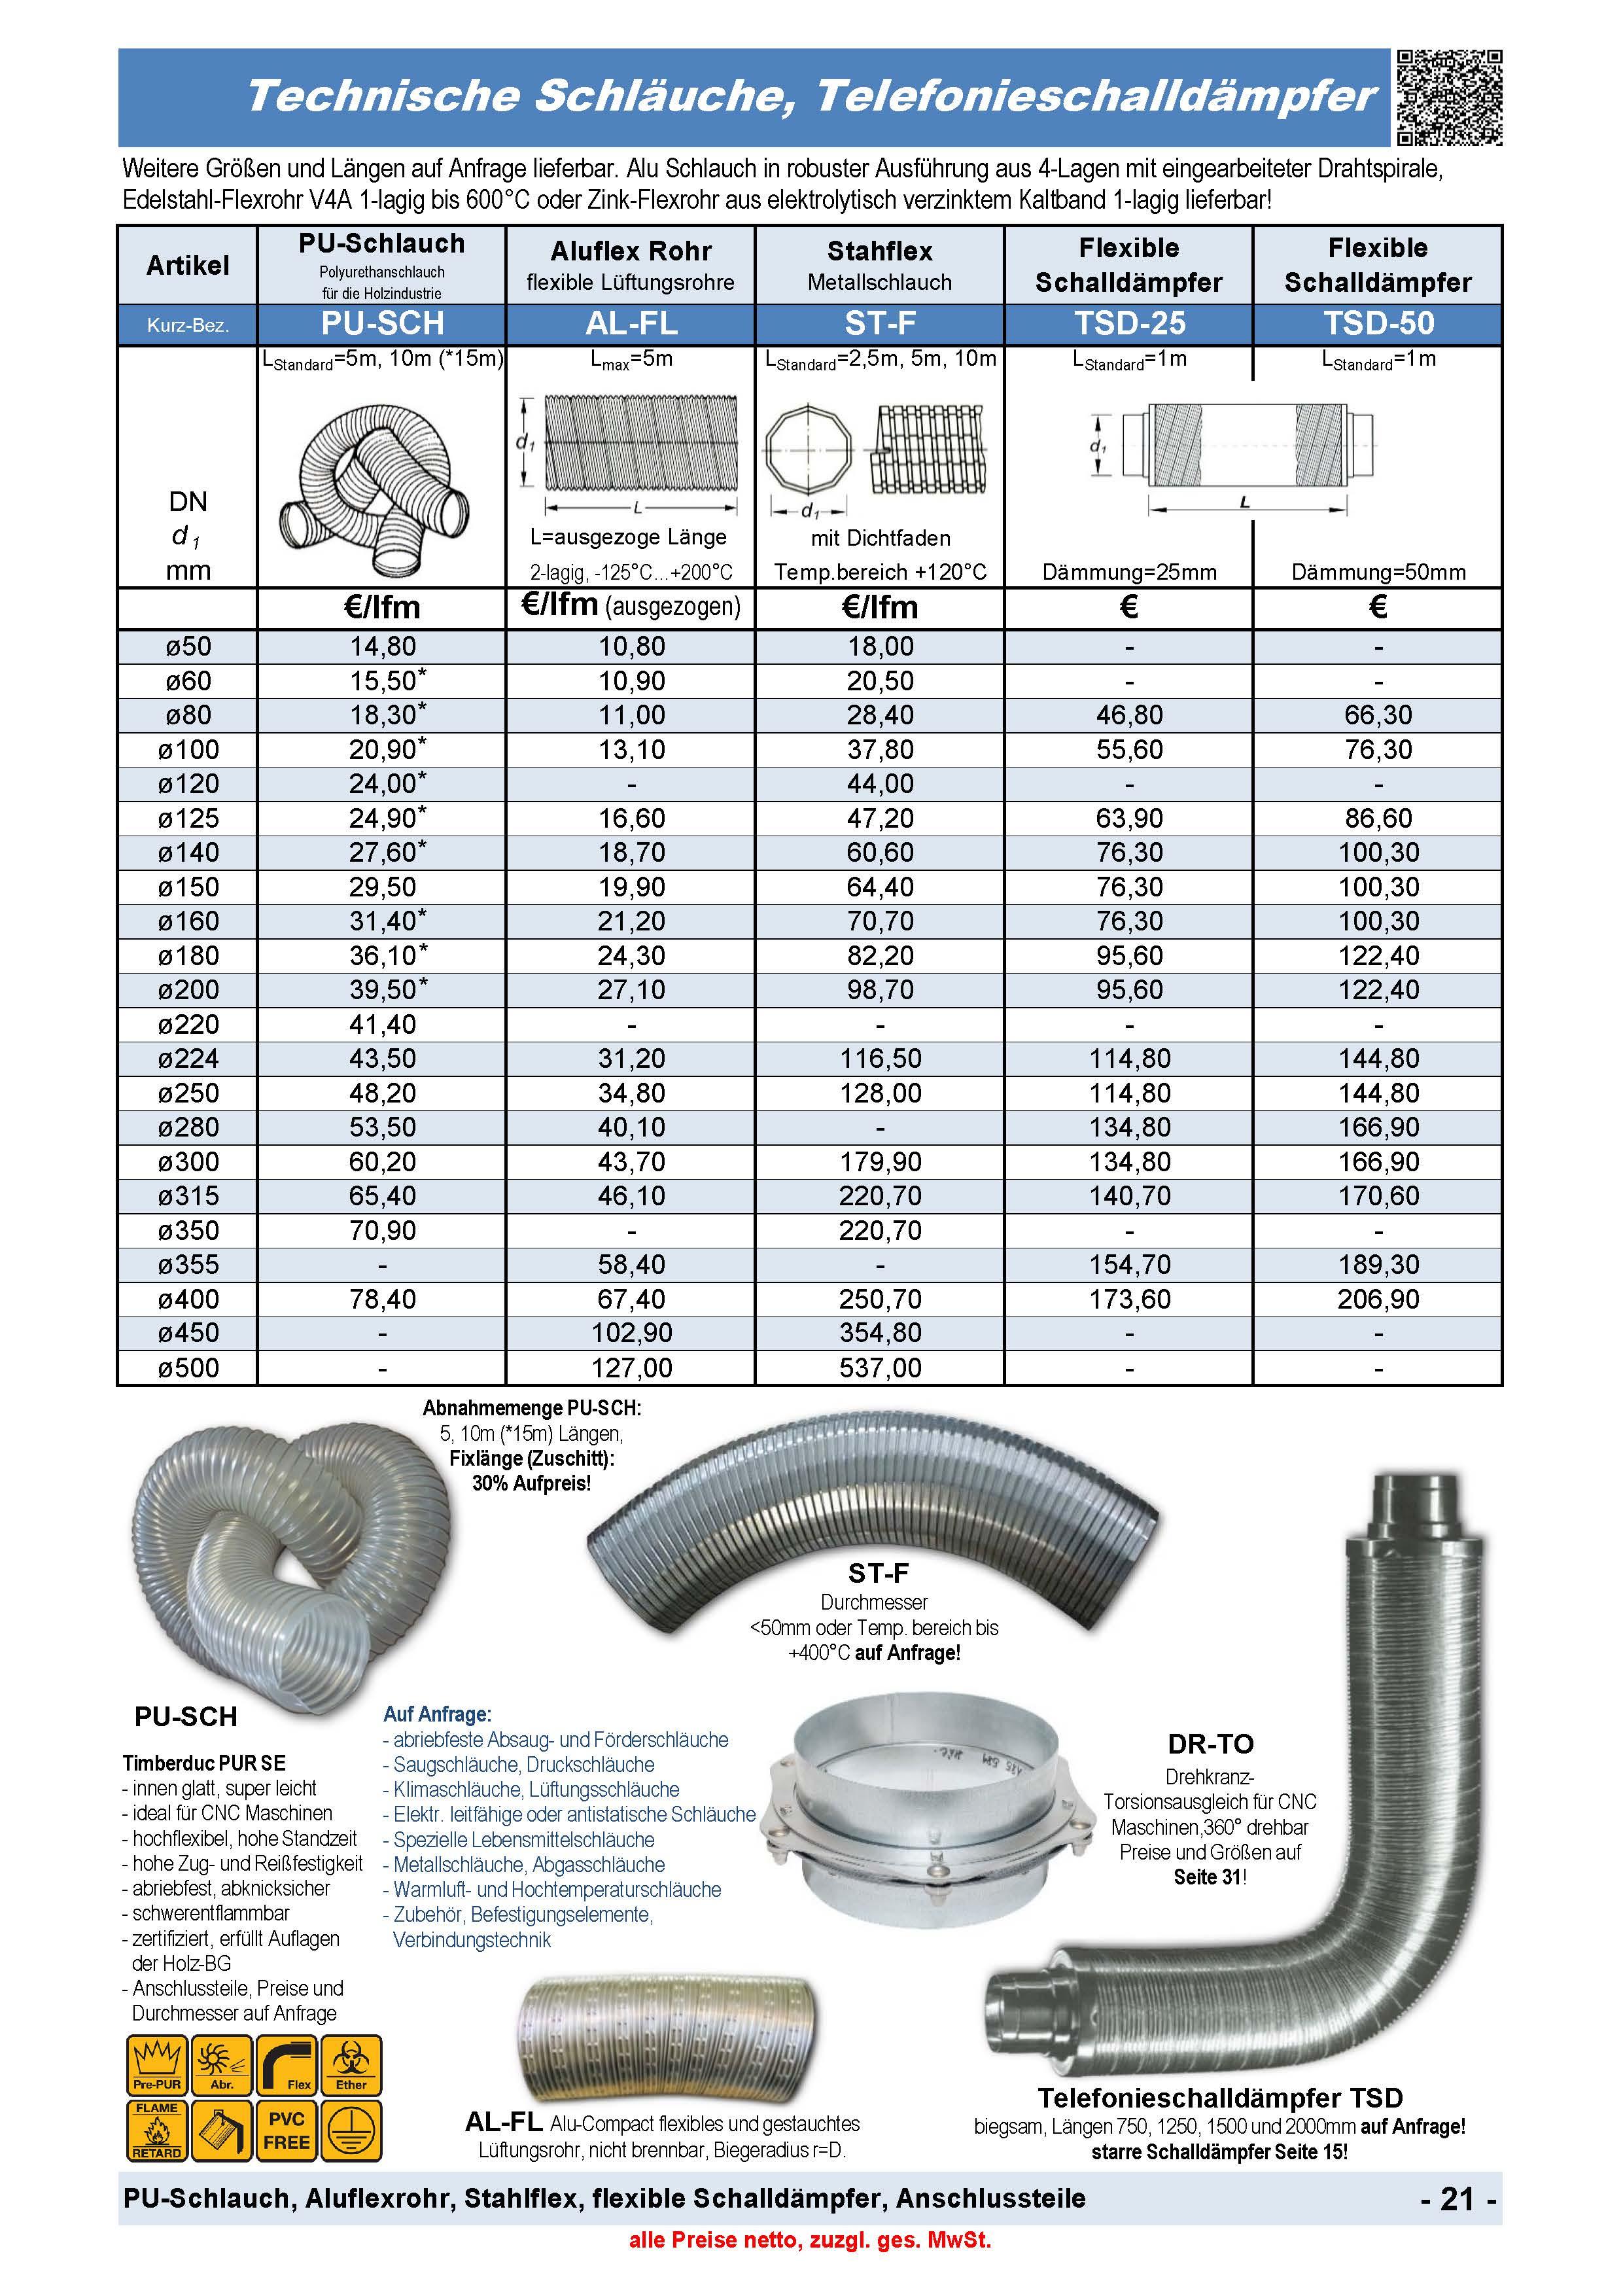 Technische Schläuche, Telefonieschalldämpfer, PU-Schlauch, Aluflexrohr, Stahlflex, flexible Schalldämpfer, Anschlussteile